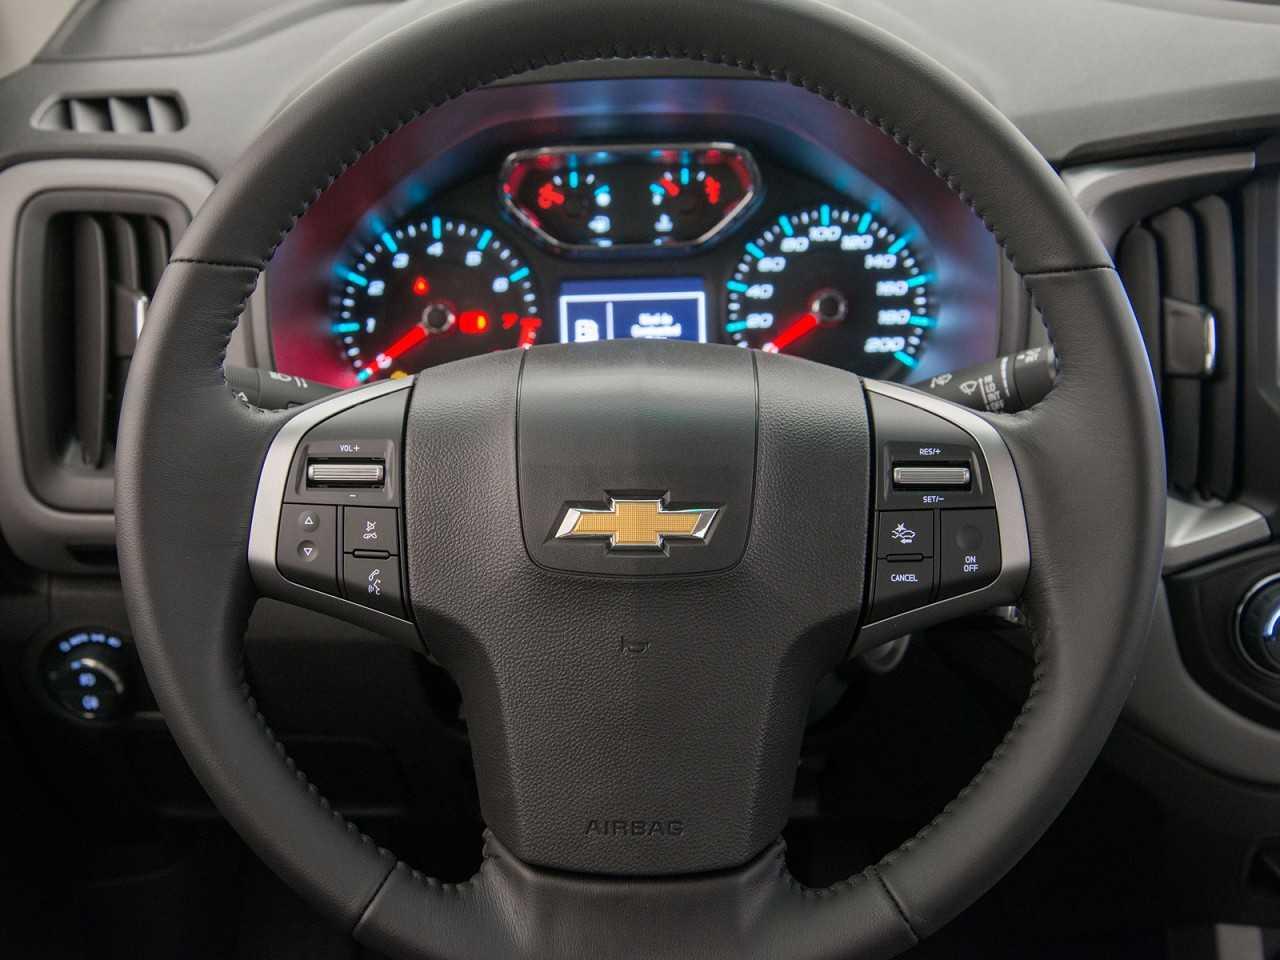 ChevroletS10 2018 - volante